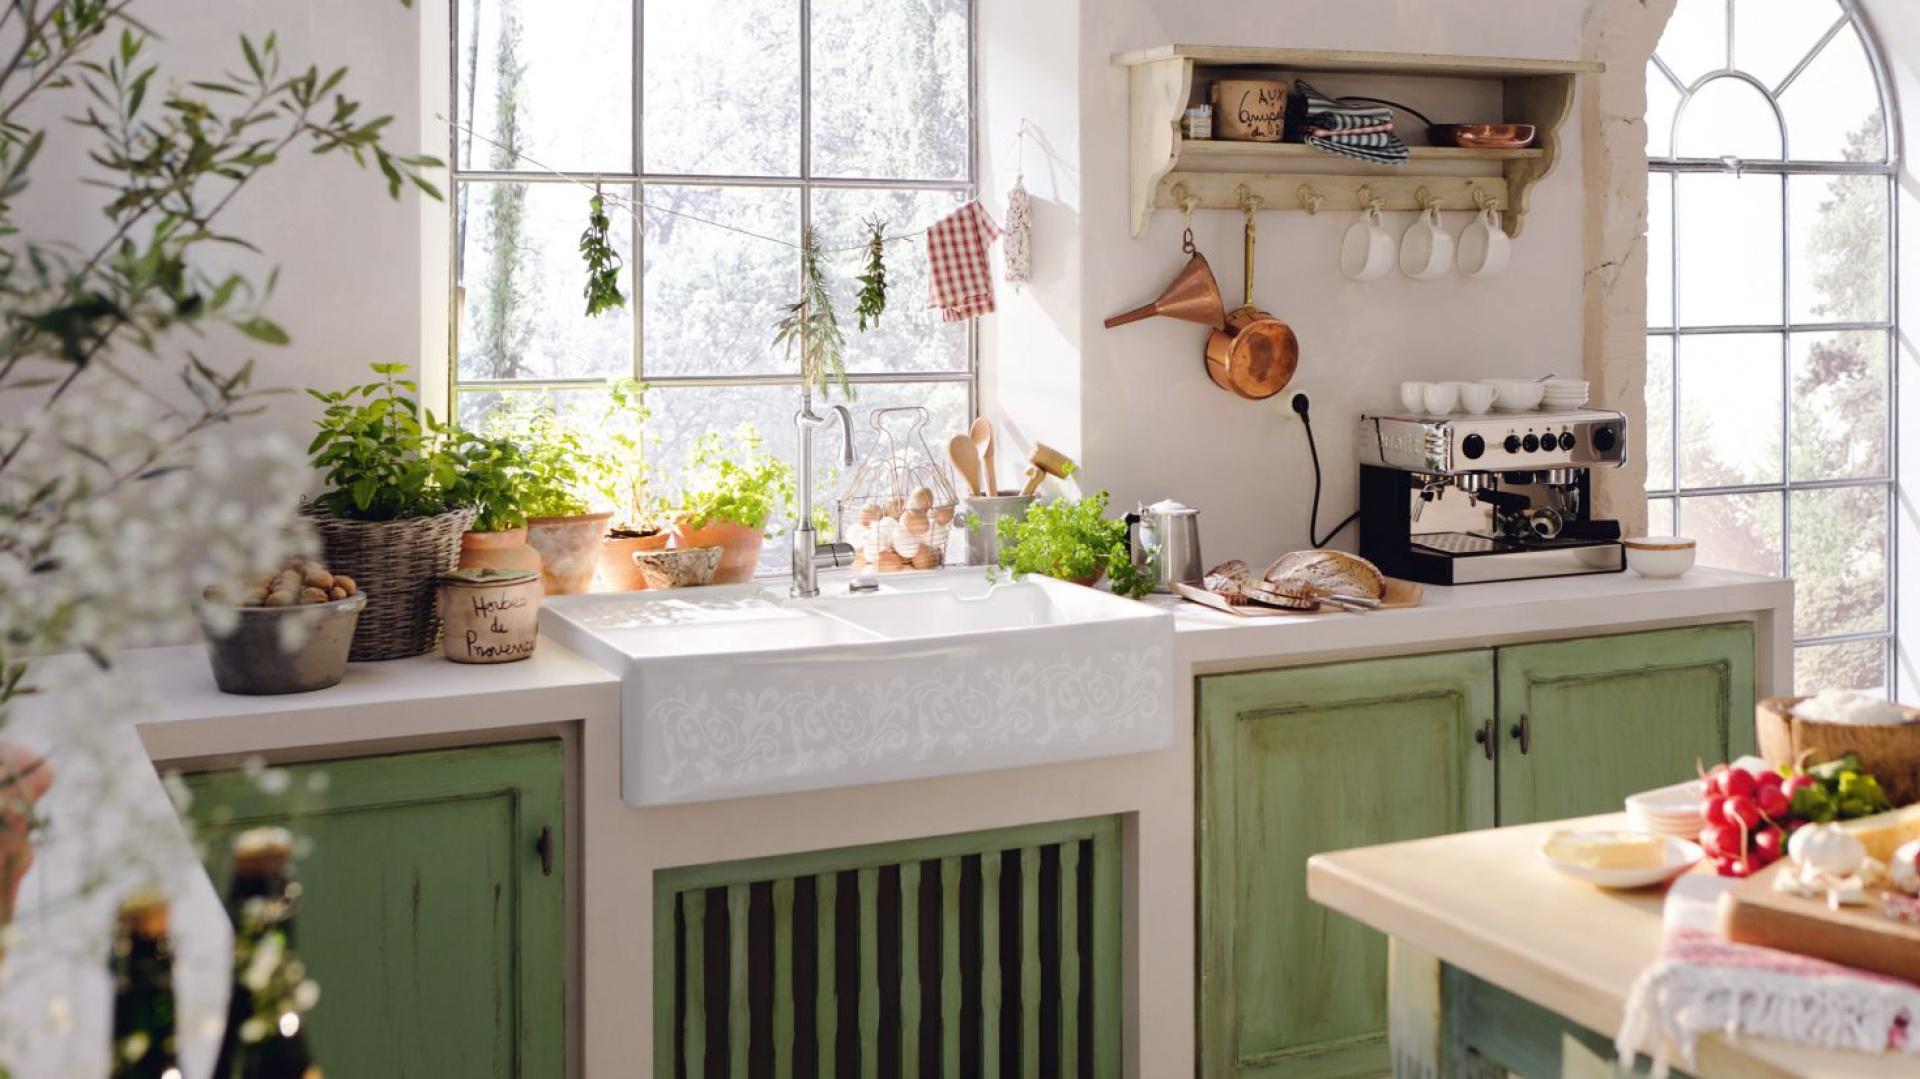 ceramiczne zlewozmywaki w kuchni